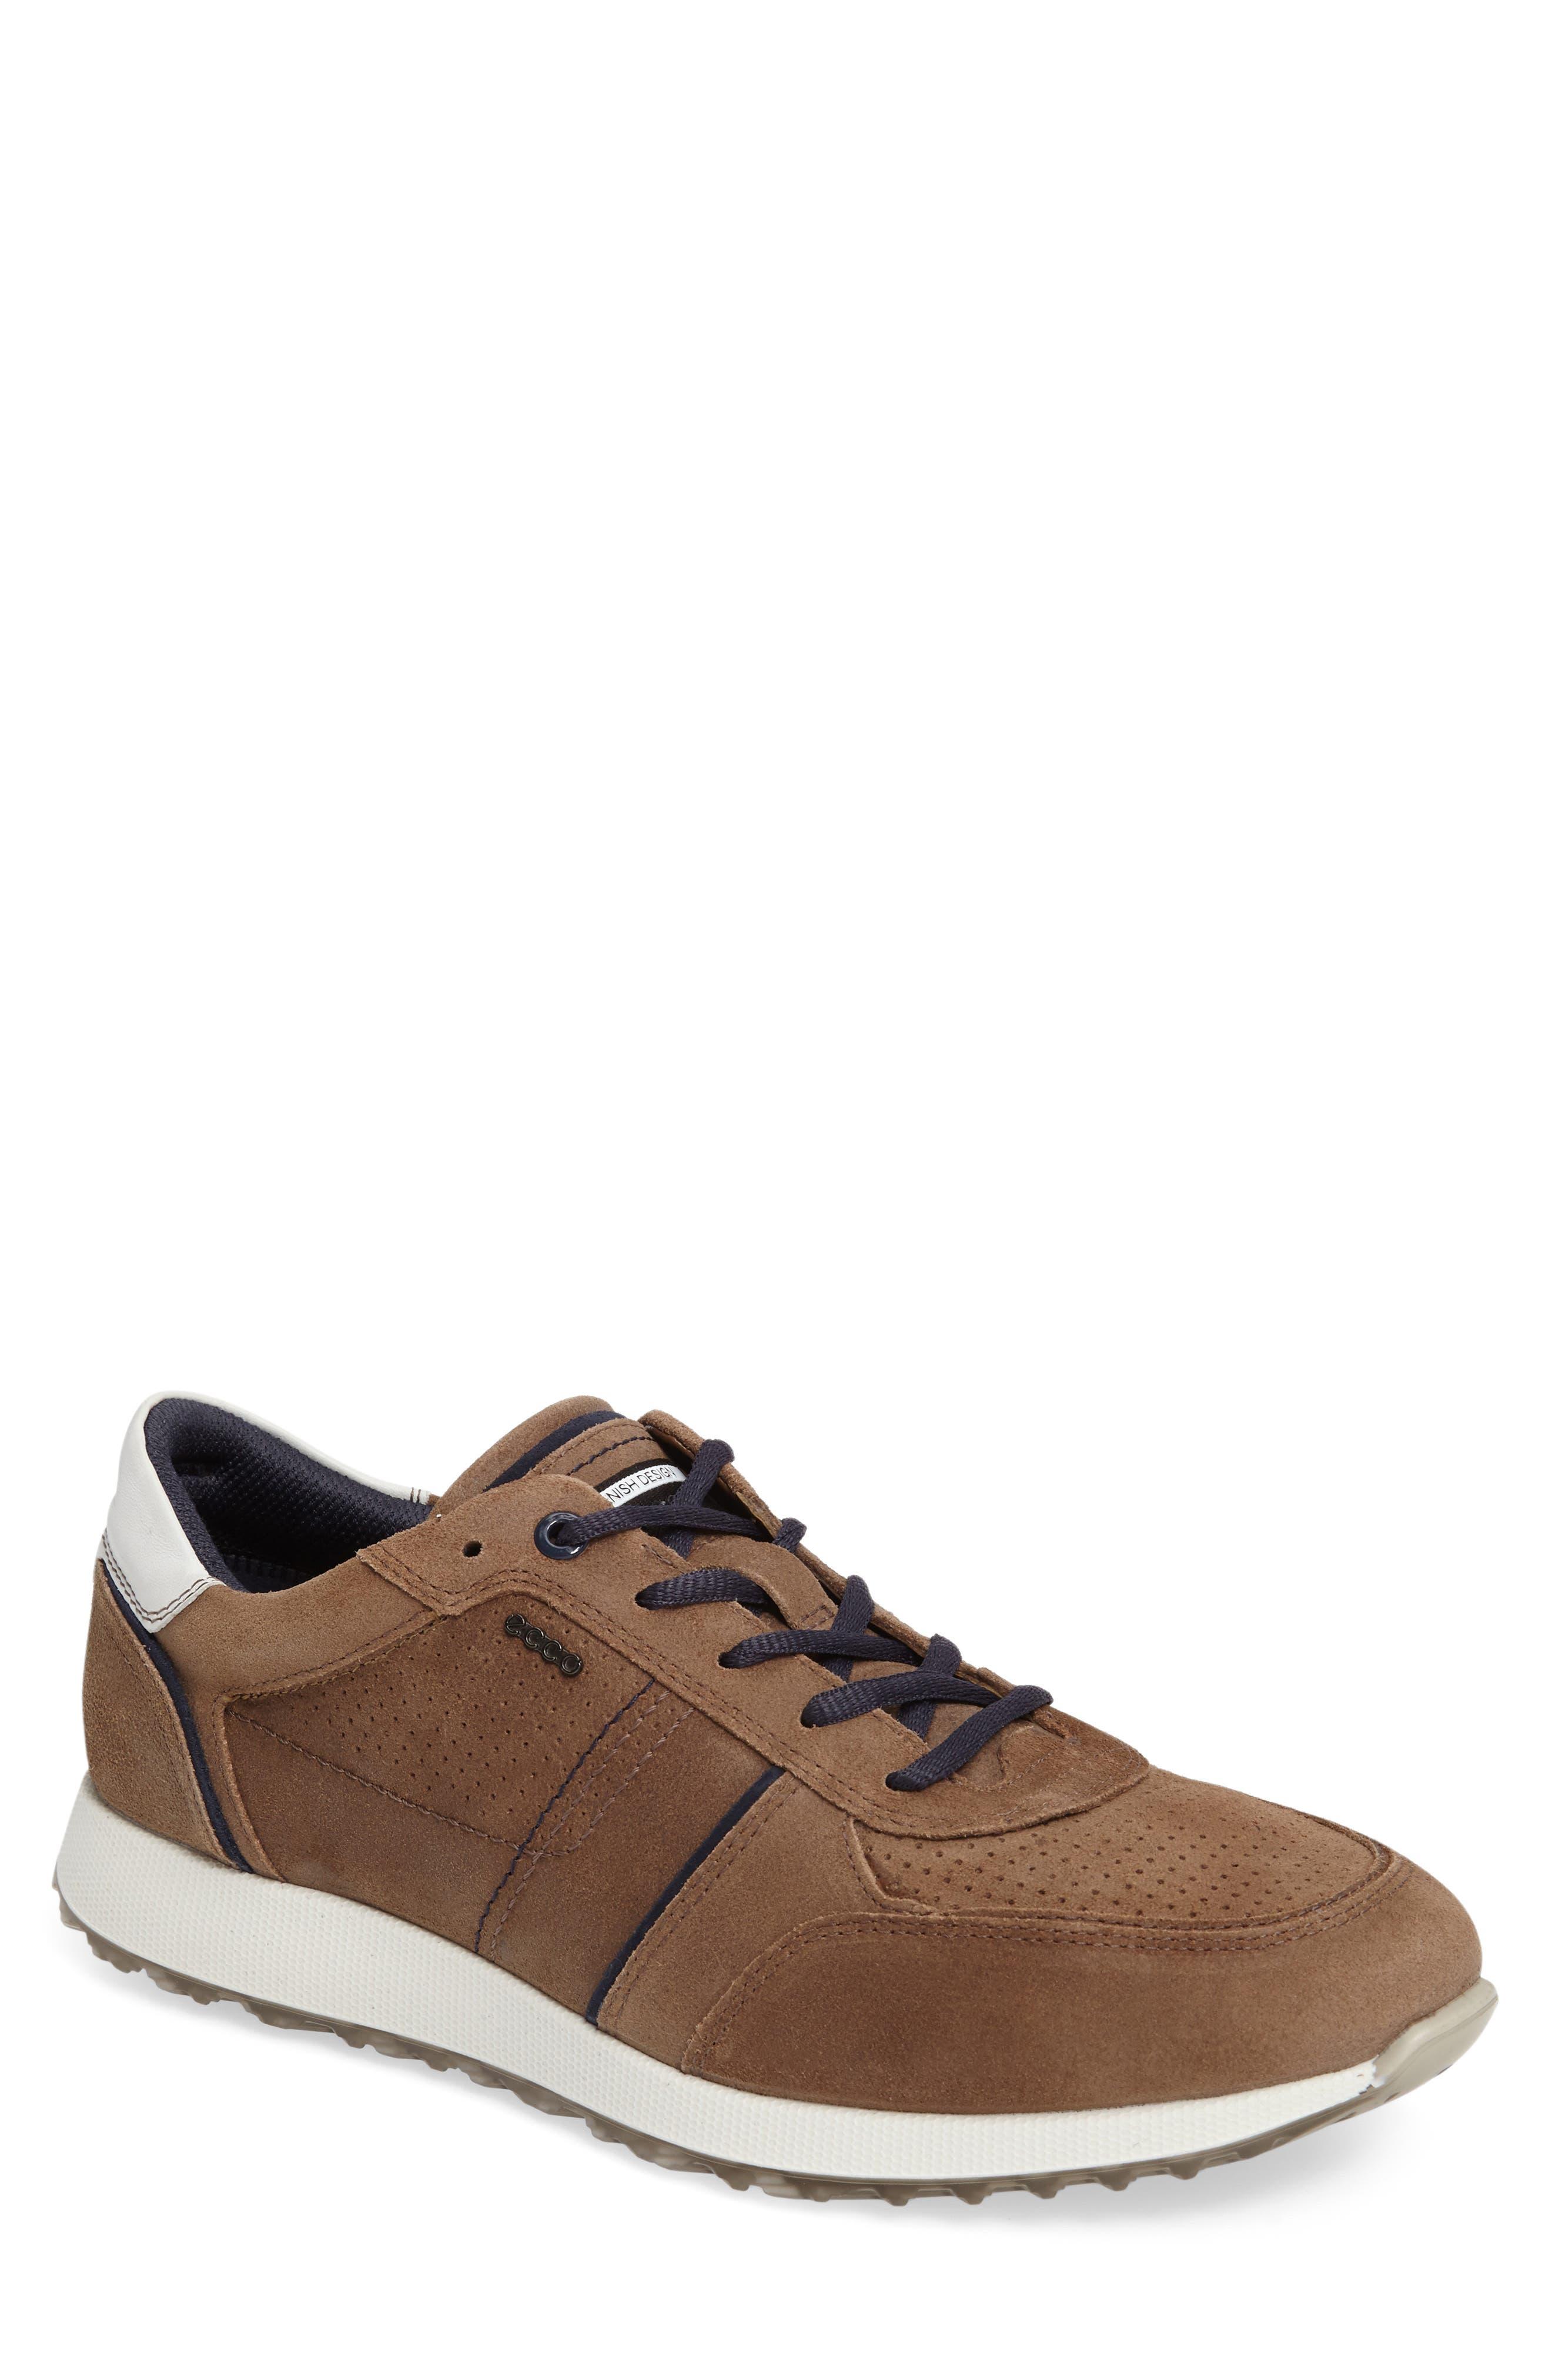 ECCO Summer Sneak Sneaker (Men)